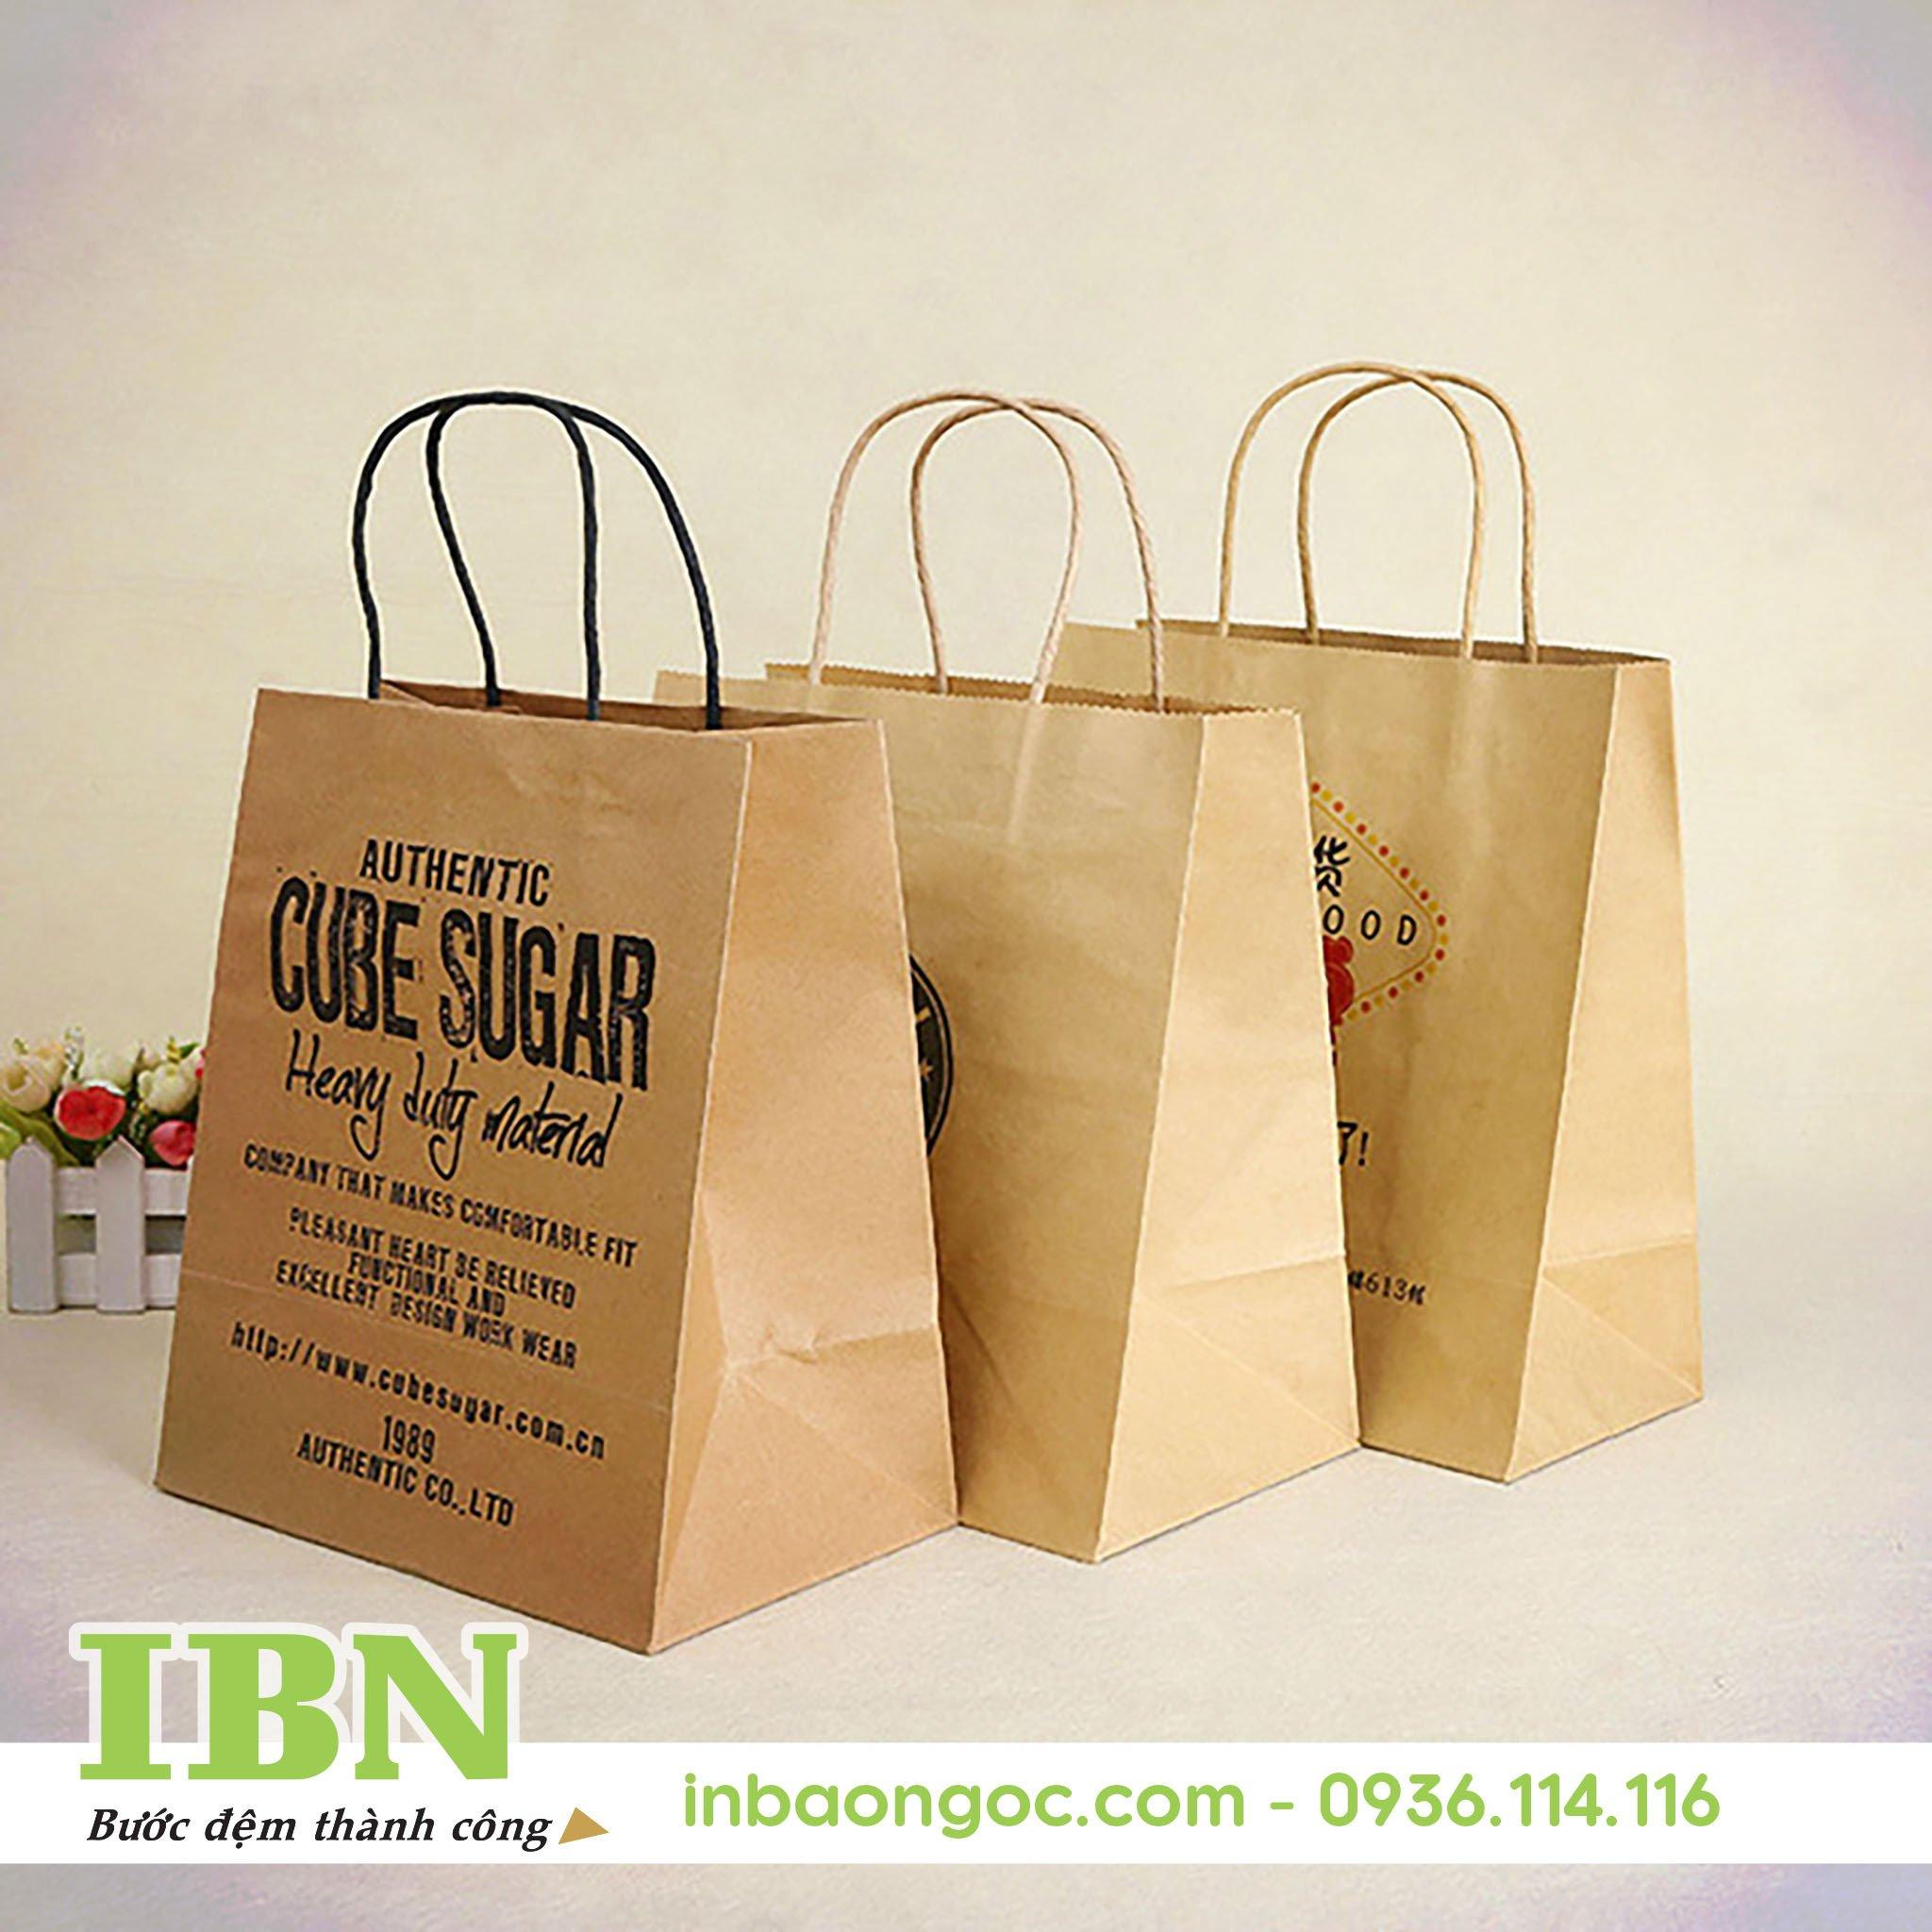 sản xuất túi giấy thân thiện môi trường chất lượng